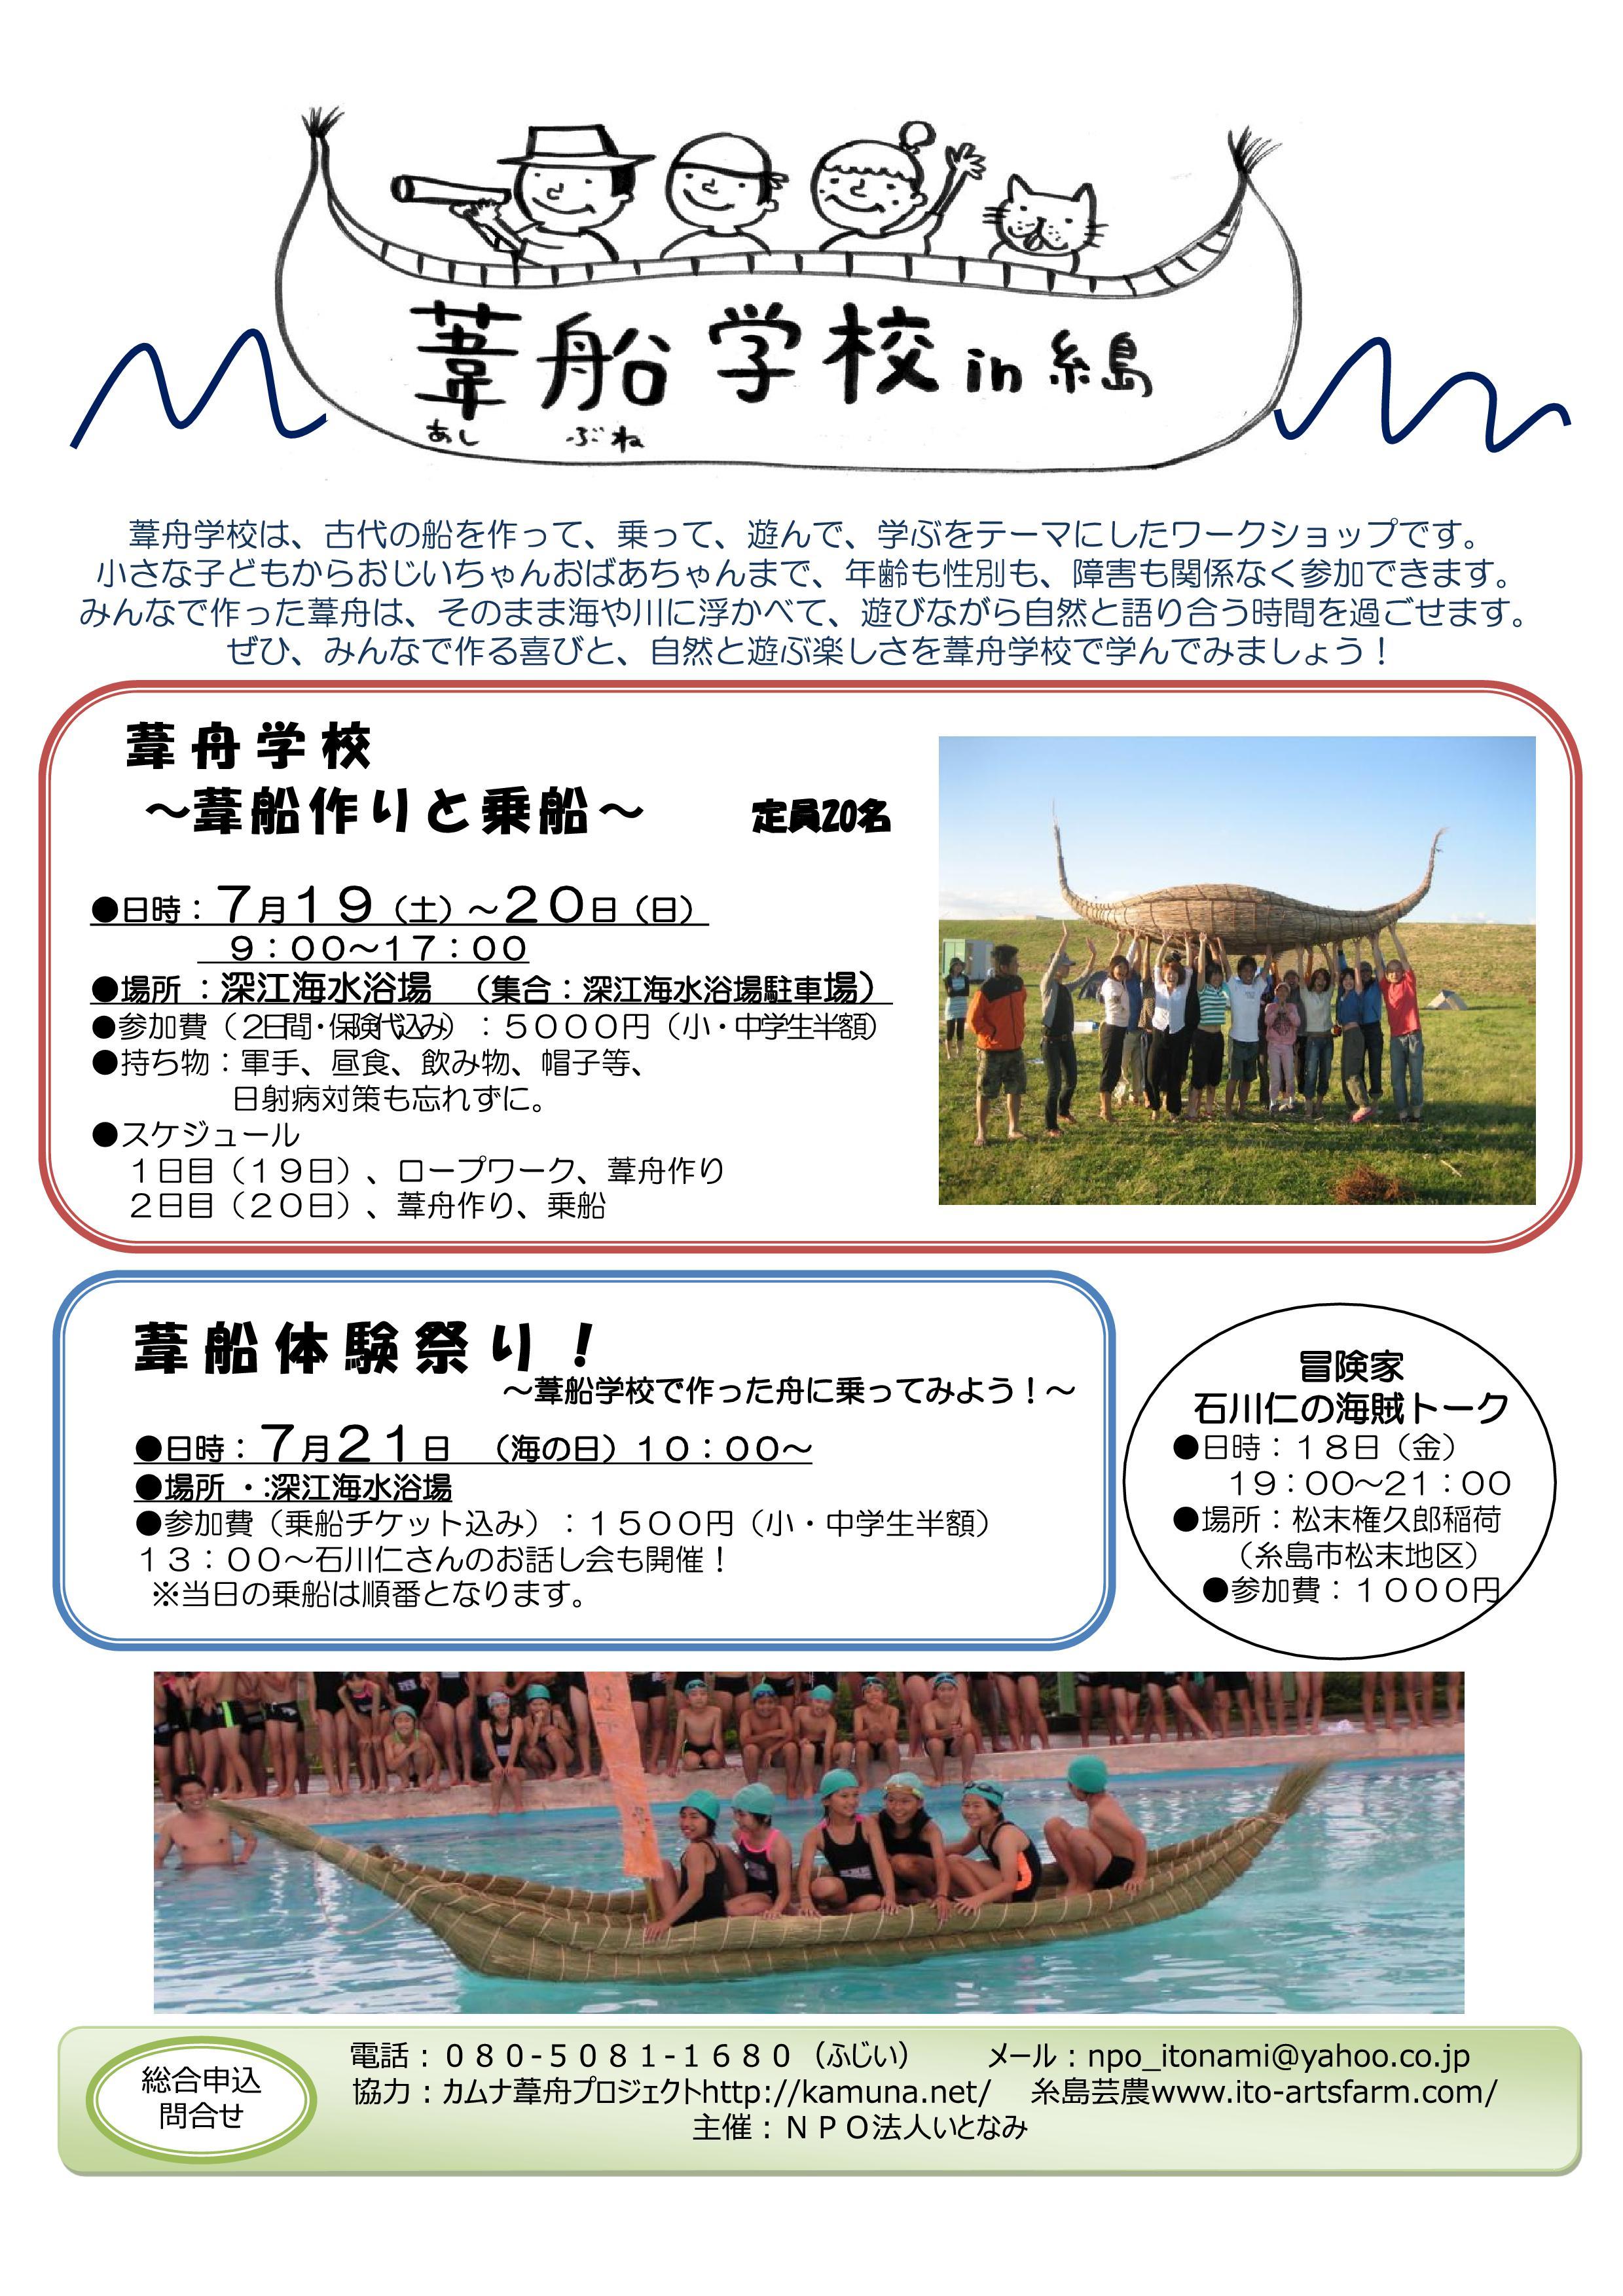 葦舟poster糸島